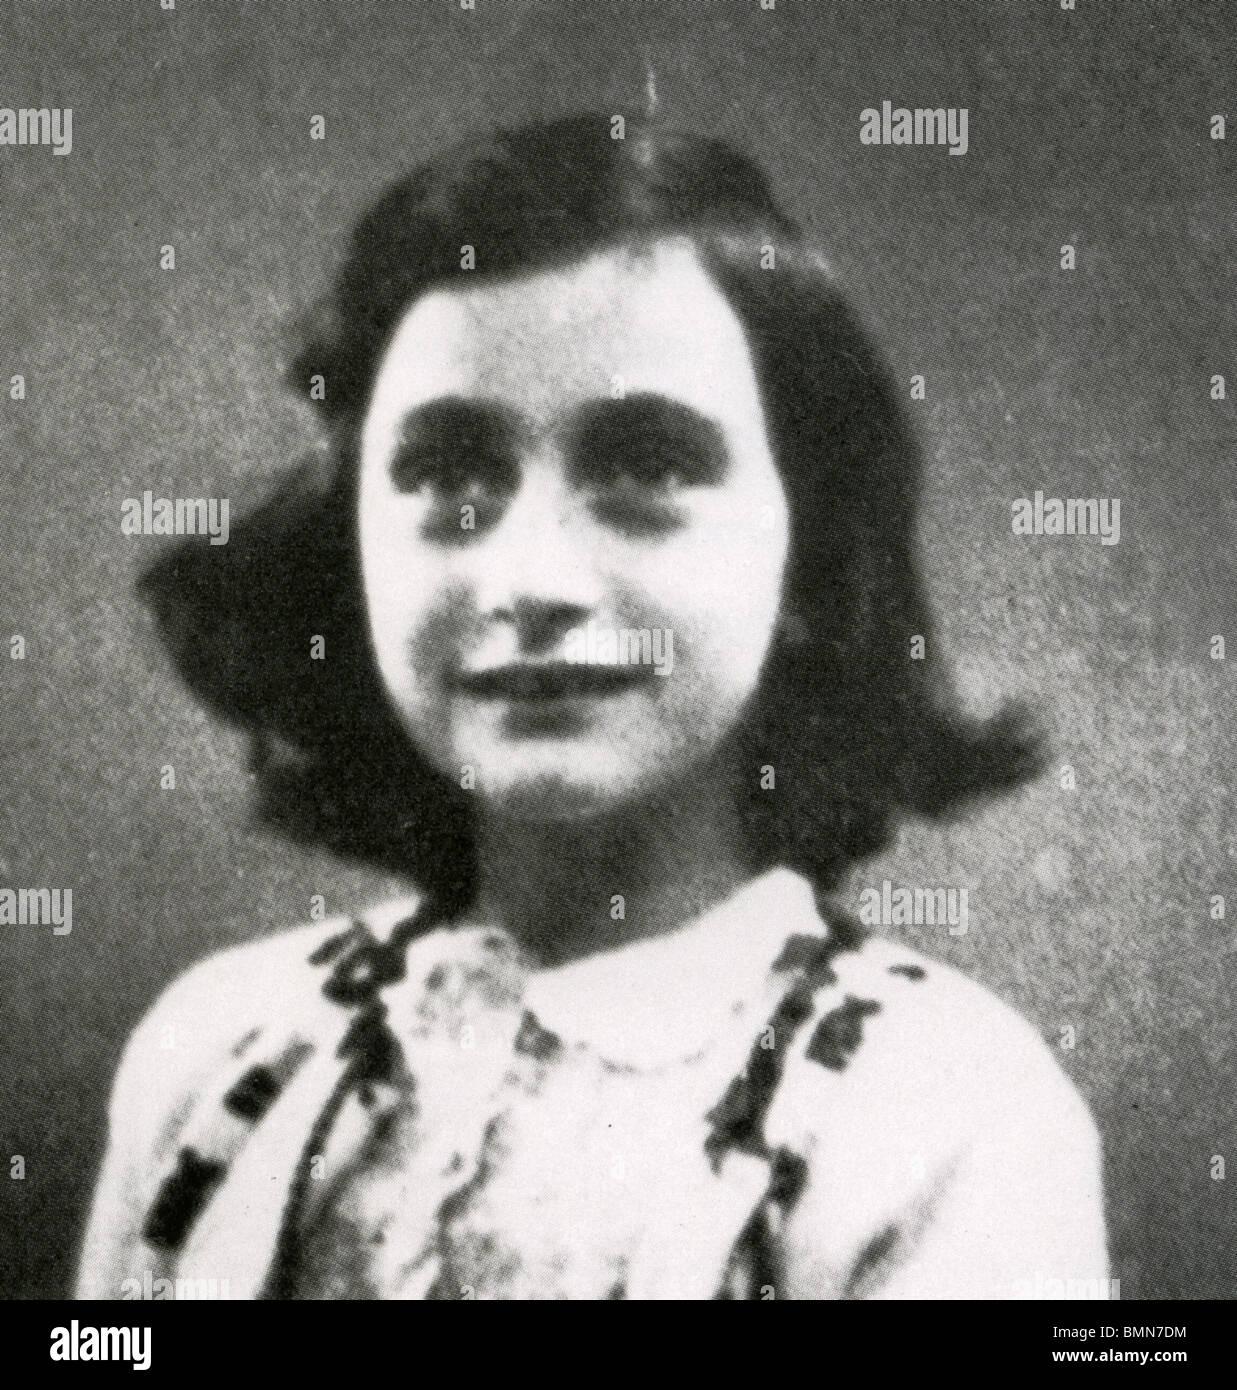 ANNE FRANK (1929-1945) jüdischen Opfer des Holocaust, dessen Tagebuch eines der weltweit ist, meistgelesene Bücher Stockfoto